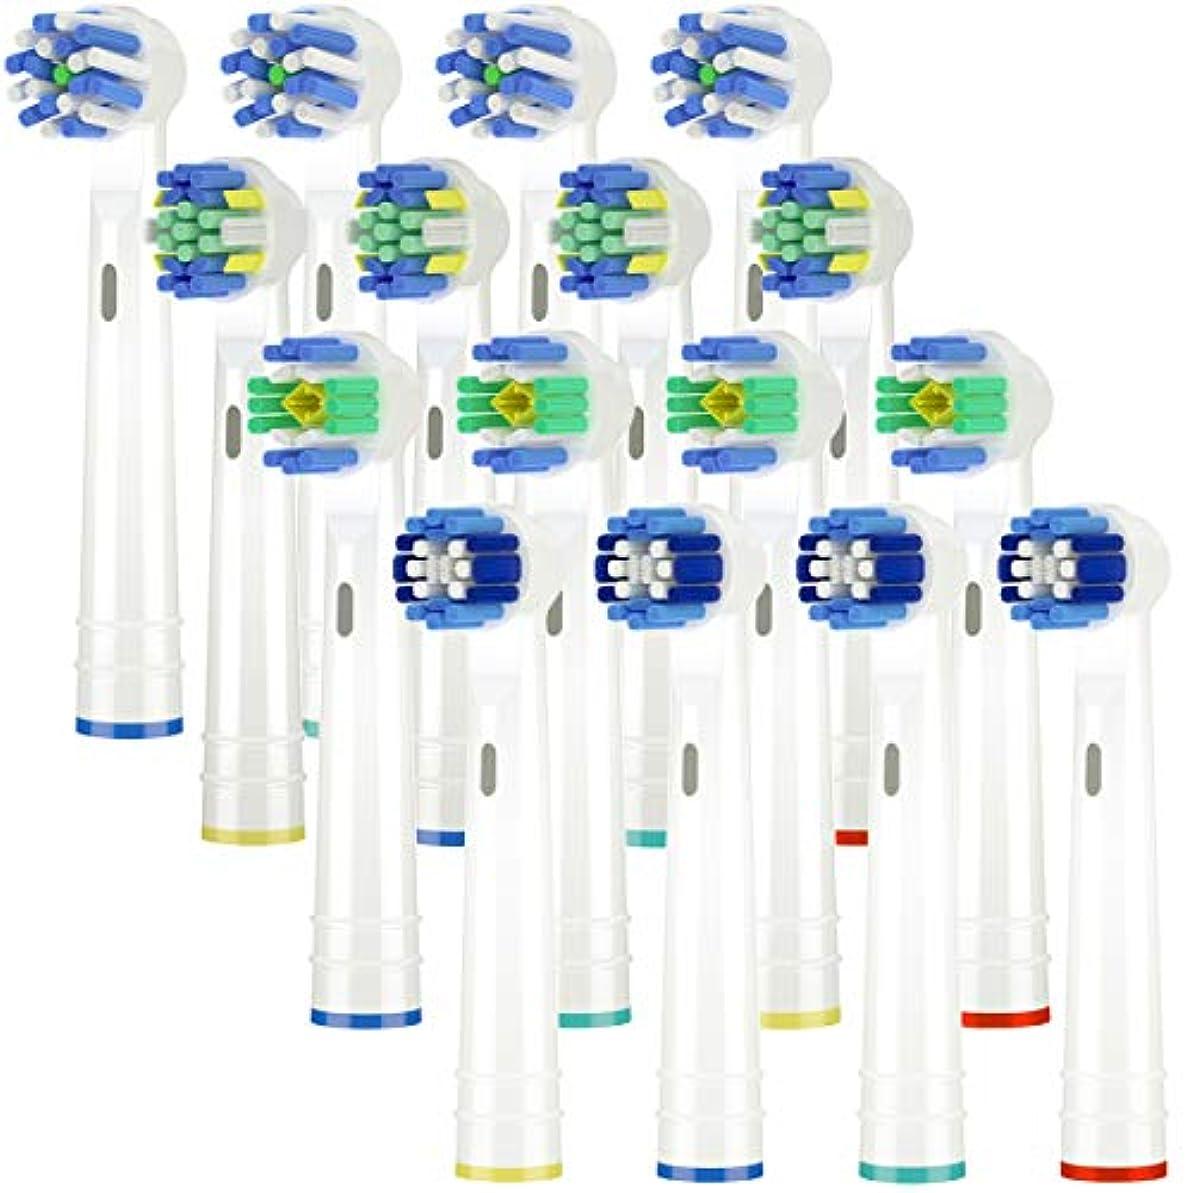 通り抜けるマネージャー映画Itechnik 電動歯ブラシ 替えブラシ ブラウン オーラルB 対応 替えブラシ 4種類が入り:ホワイトニングブラシ 、ベーシックブラシ、歯間ワイパー付きブラシ、マルチアクションブラシ 凡用な16本